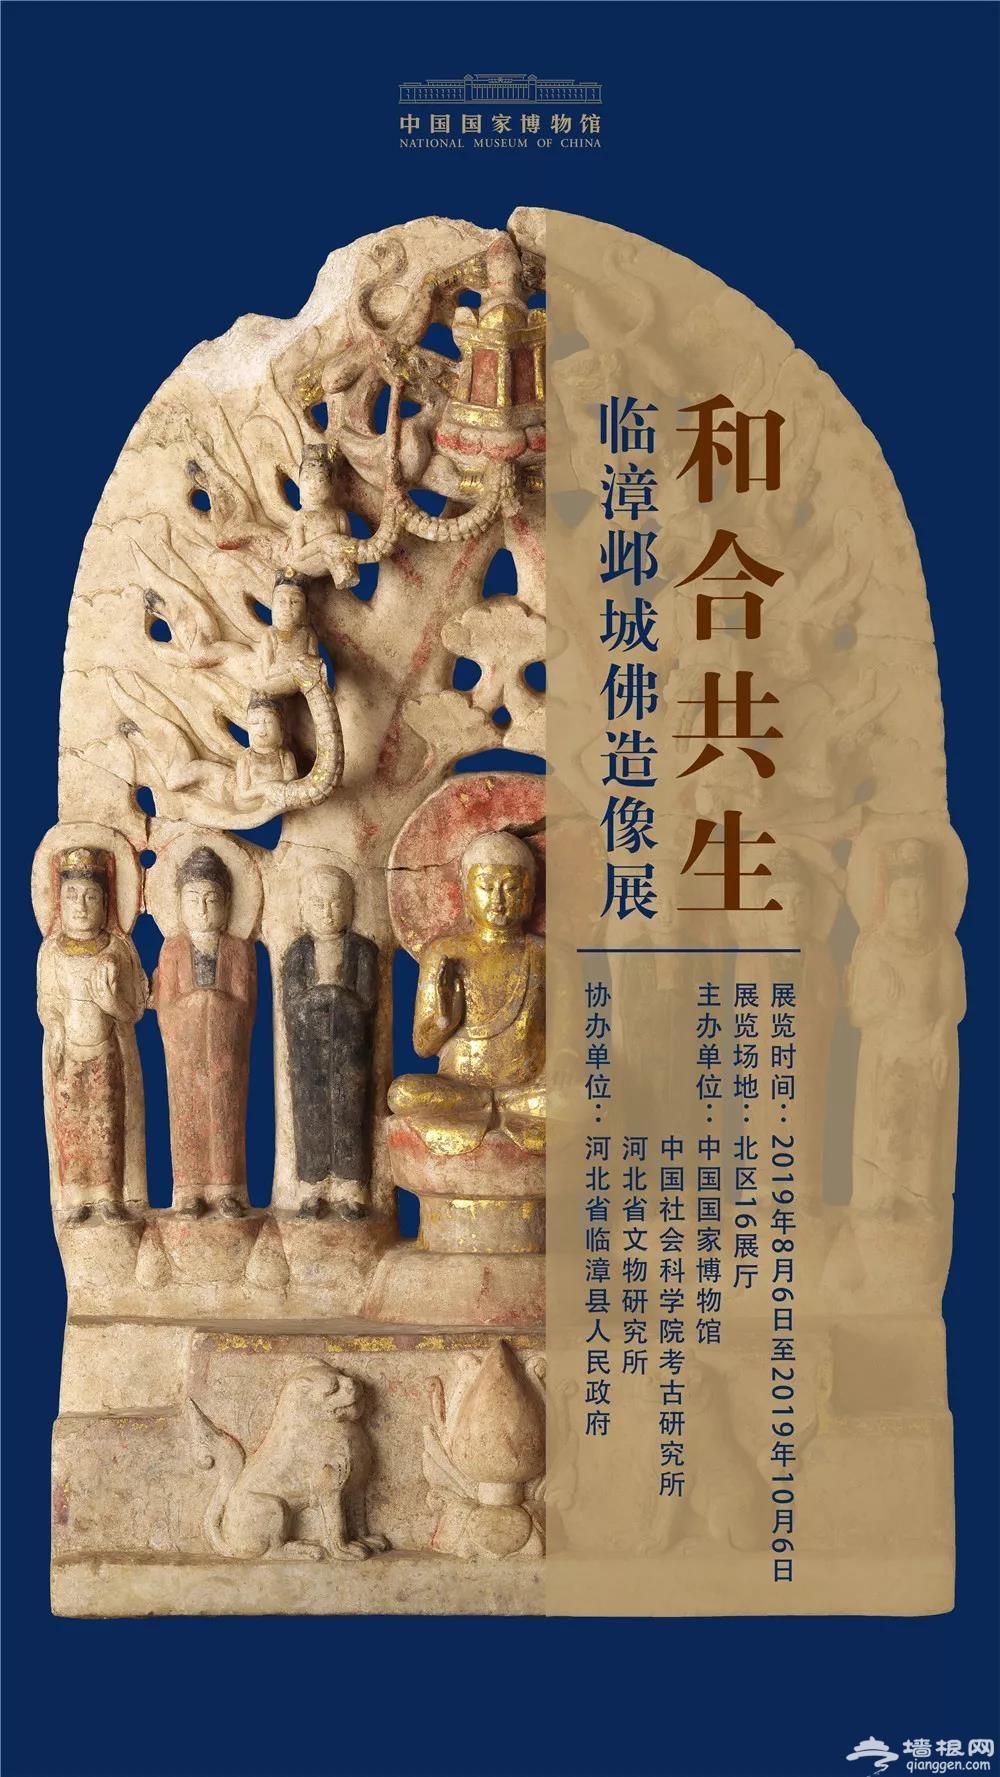 国家博物馆和合共生—临漳邺城佛造像展时间地点门票价格